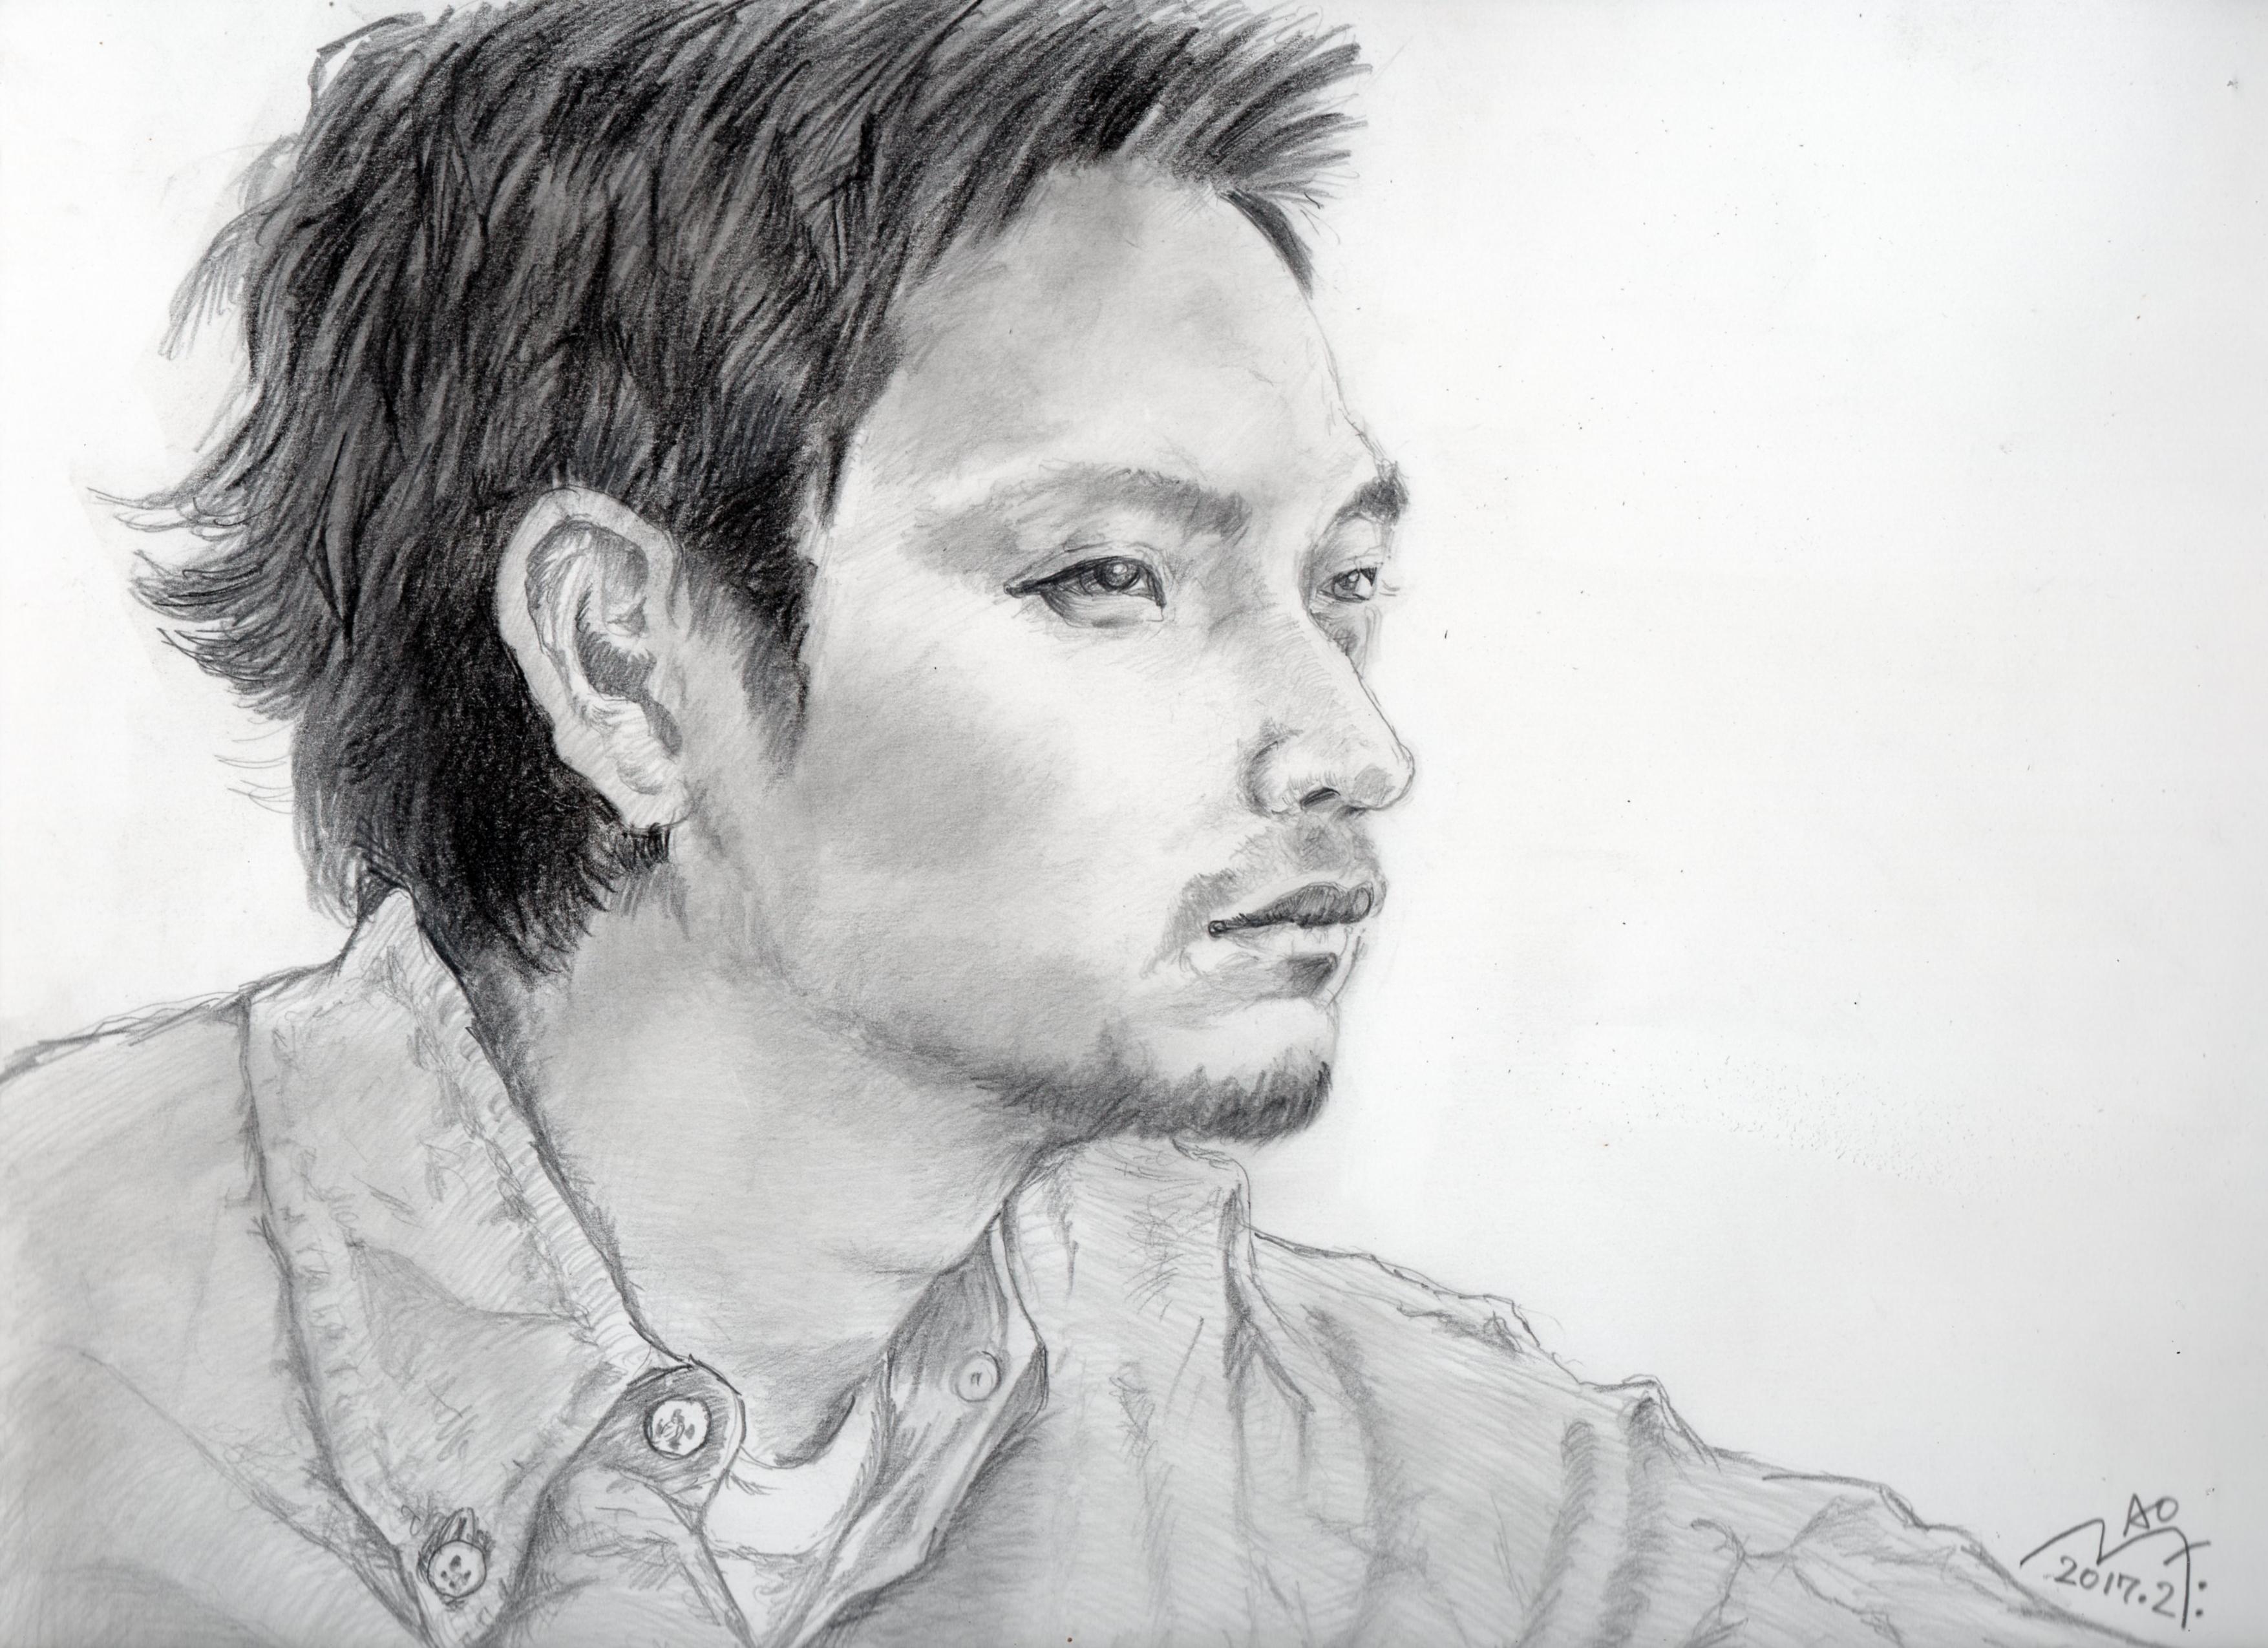 松田龍平の鉛筆画似顔絵